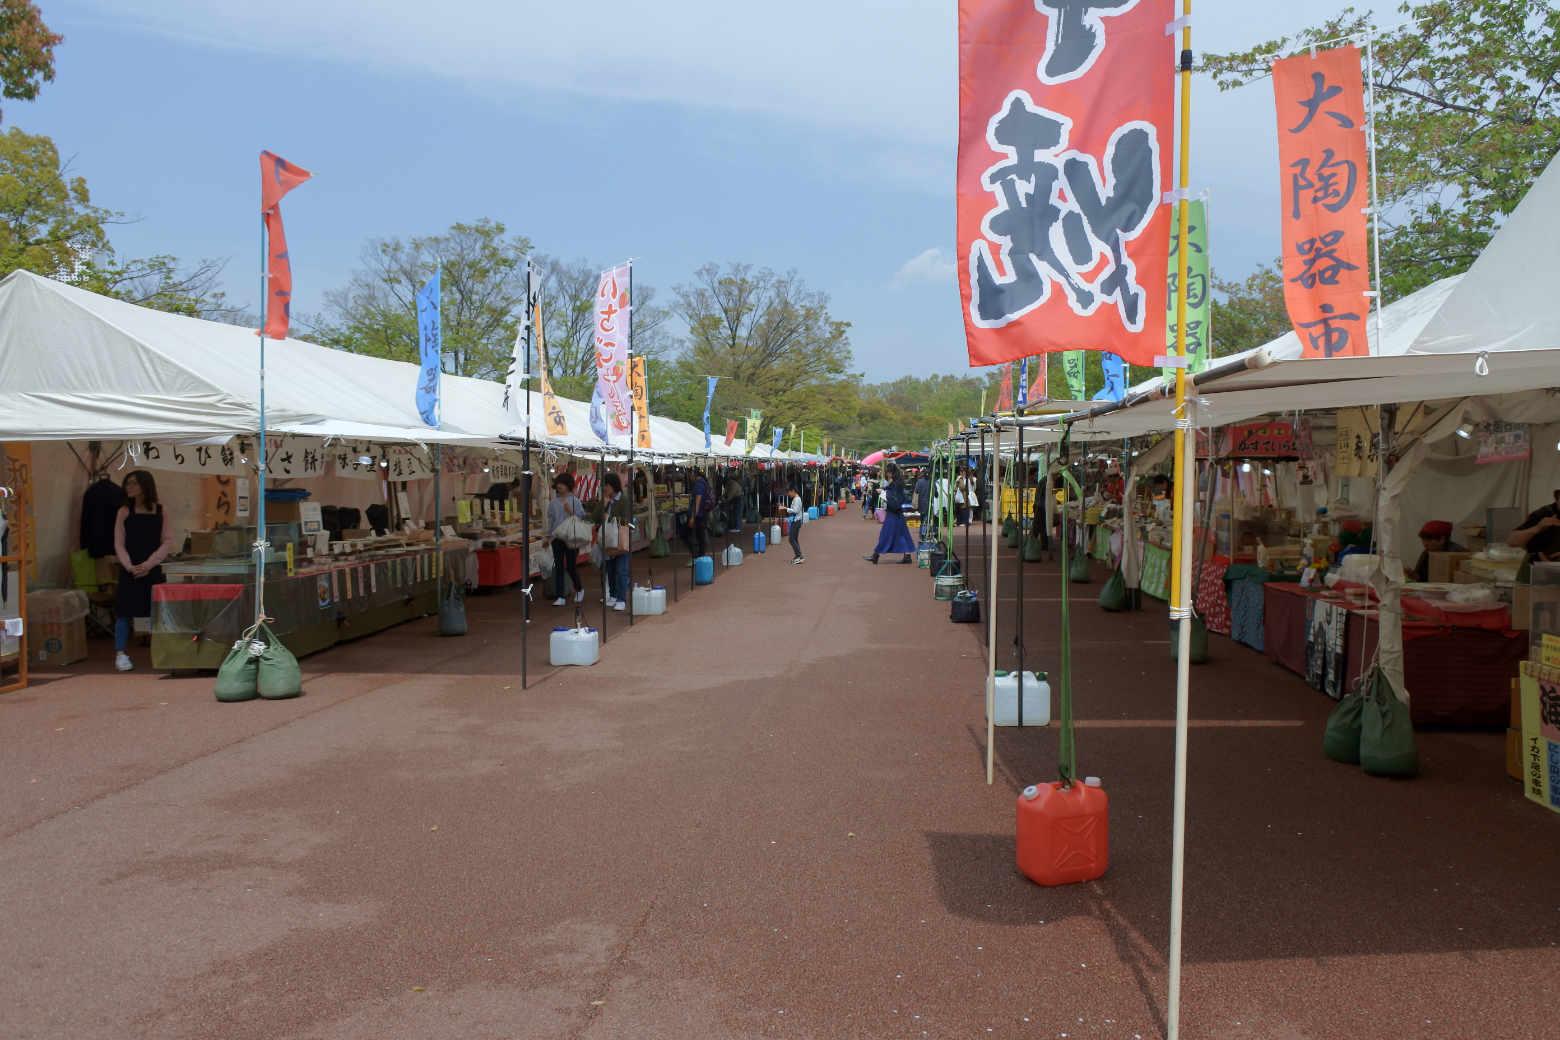 万博記念公園で開催していた大陶器市